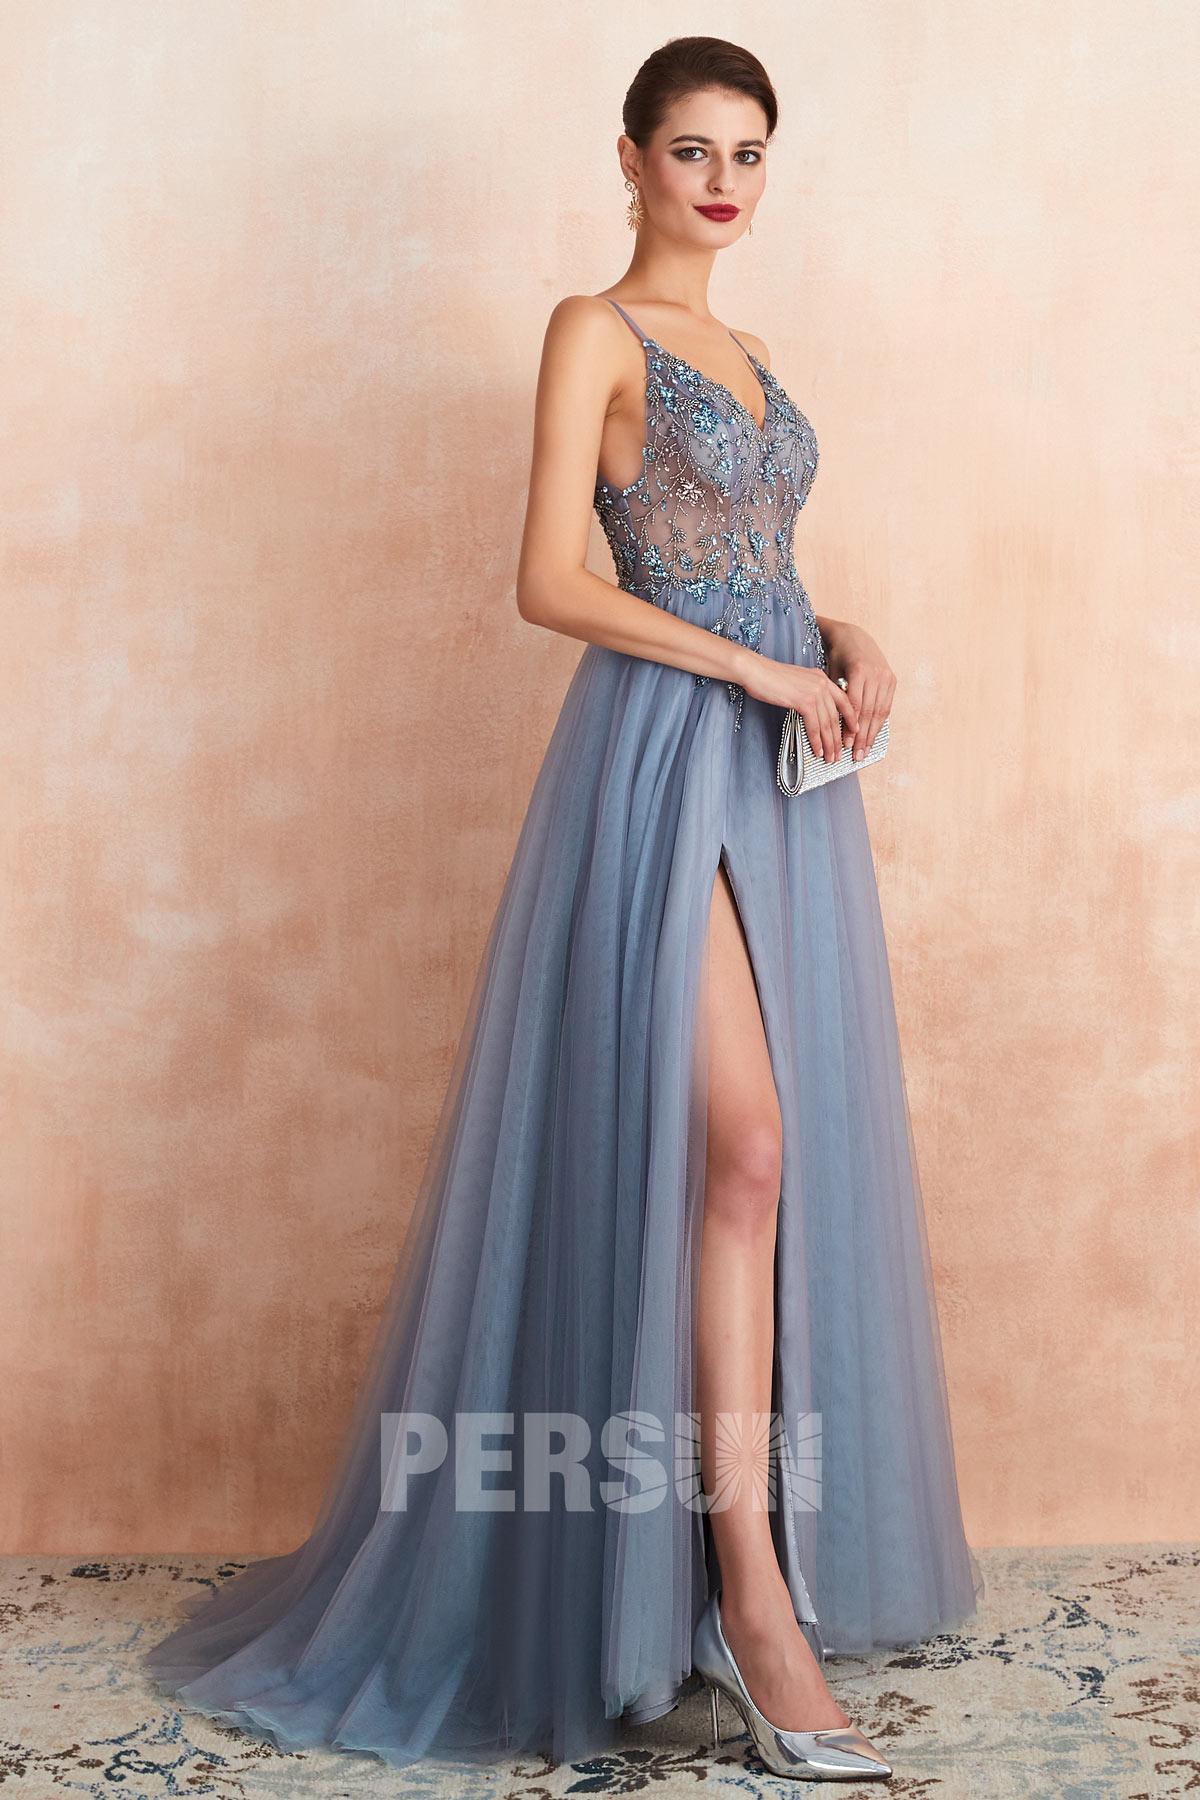 robe de bal longue bleu parme fendue sexy haut transparent ornée de bijoux